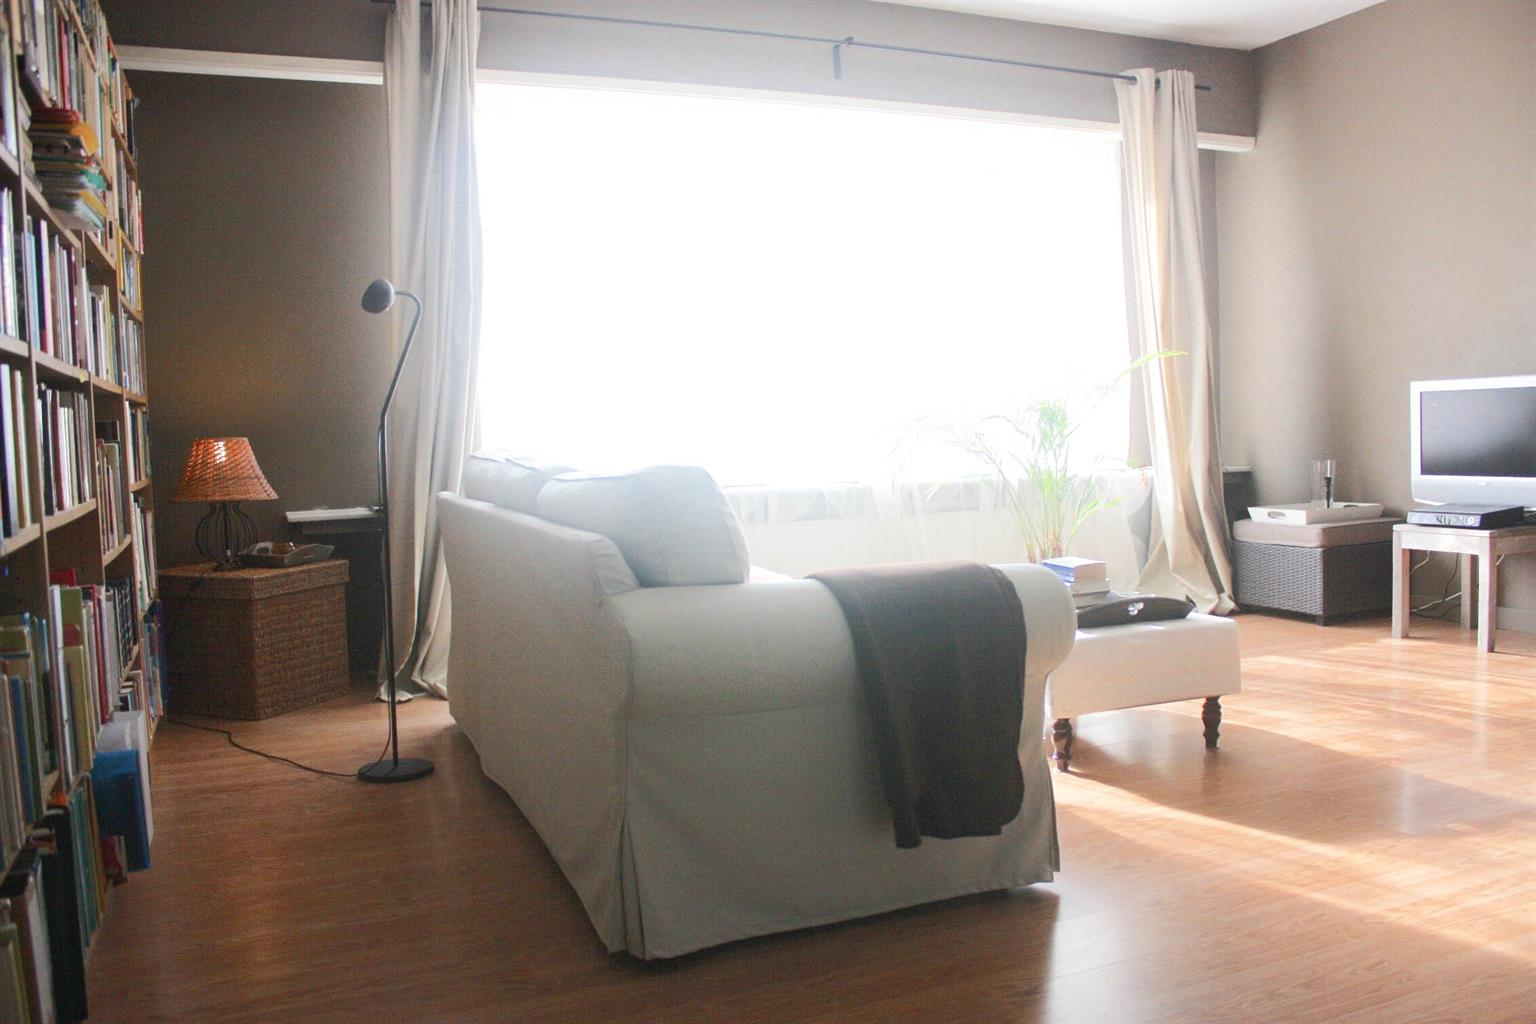 Appartement in schoten meeusen vastgoed for Gelijkvloers appartement te koop antwerpen